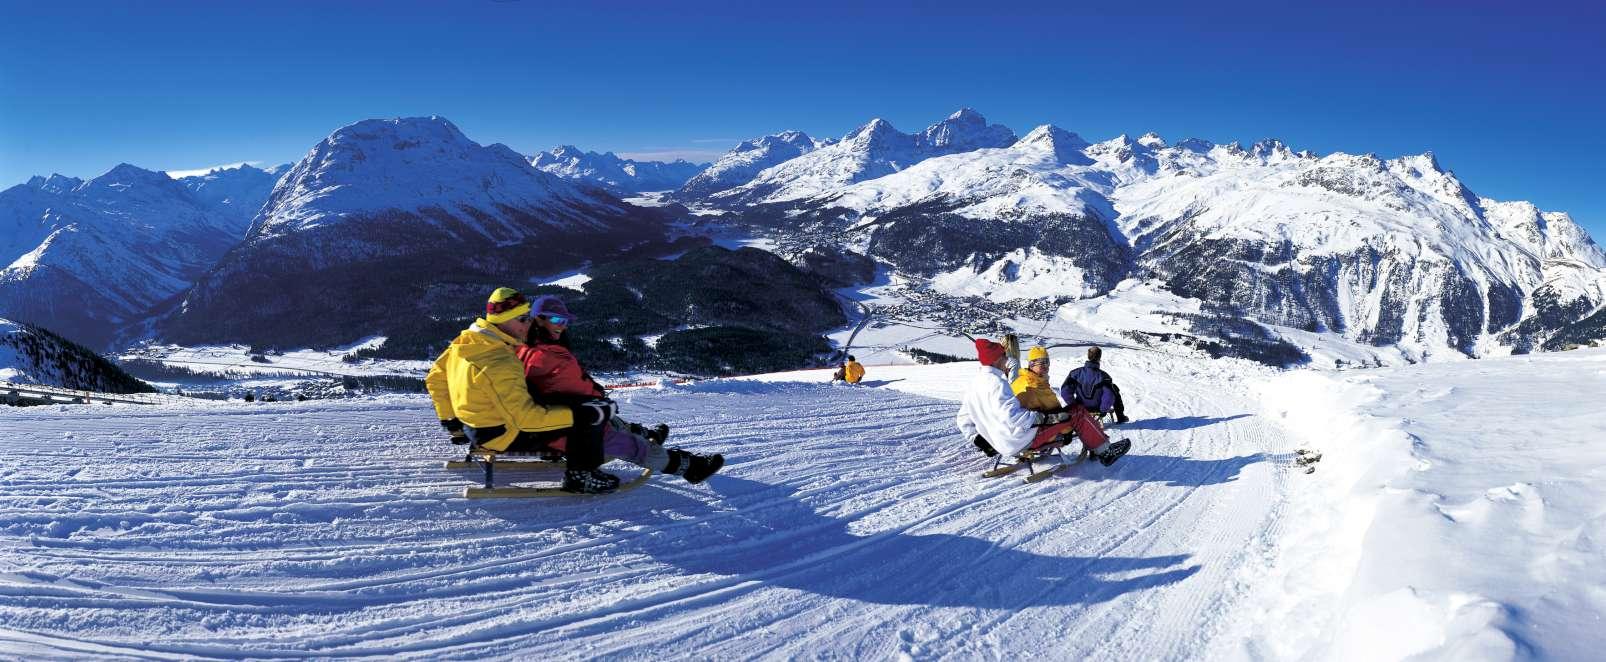 Sledding on Muottas Muragl St Moritz